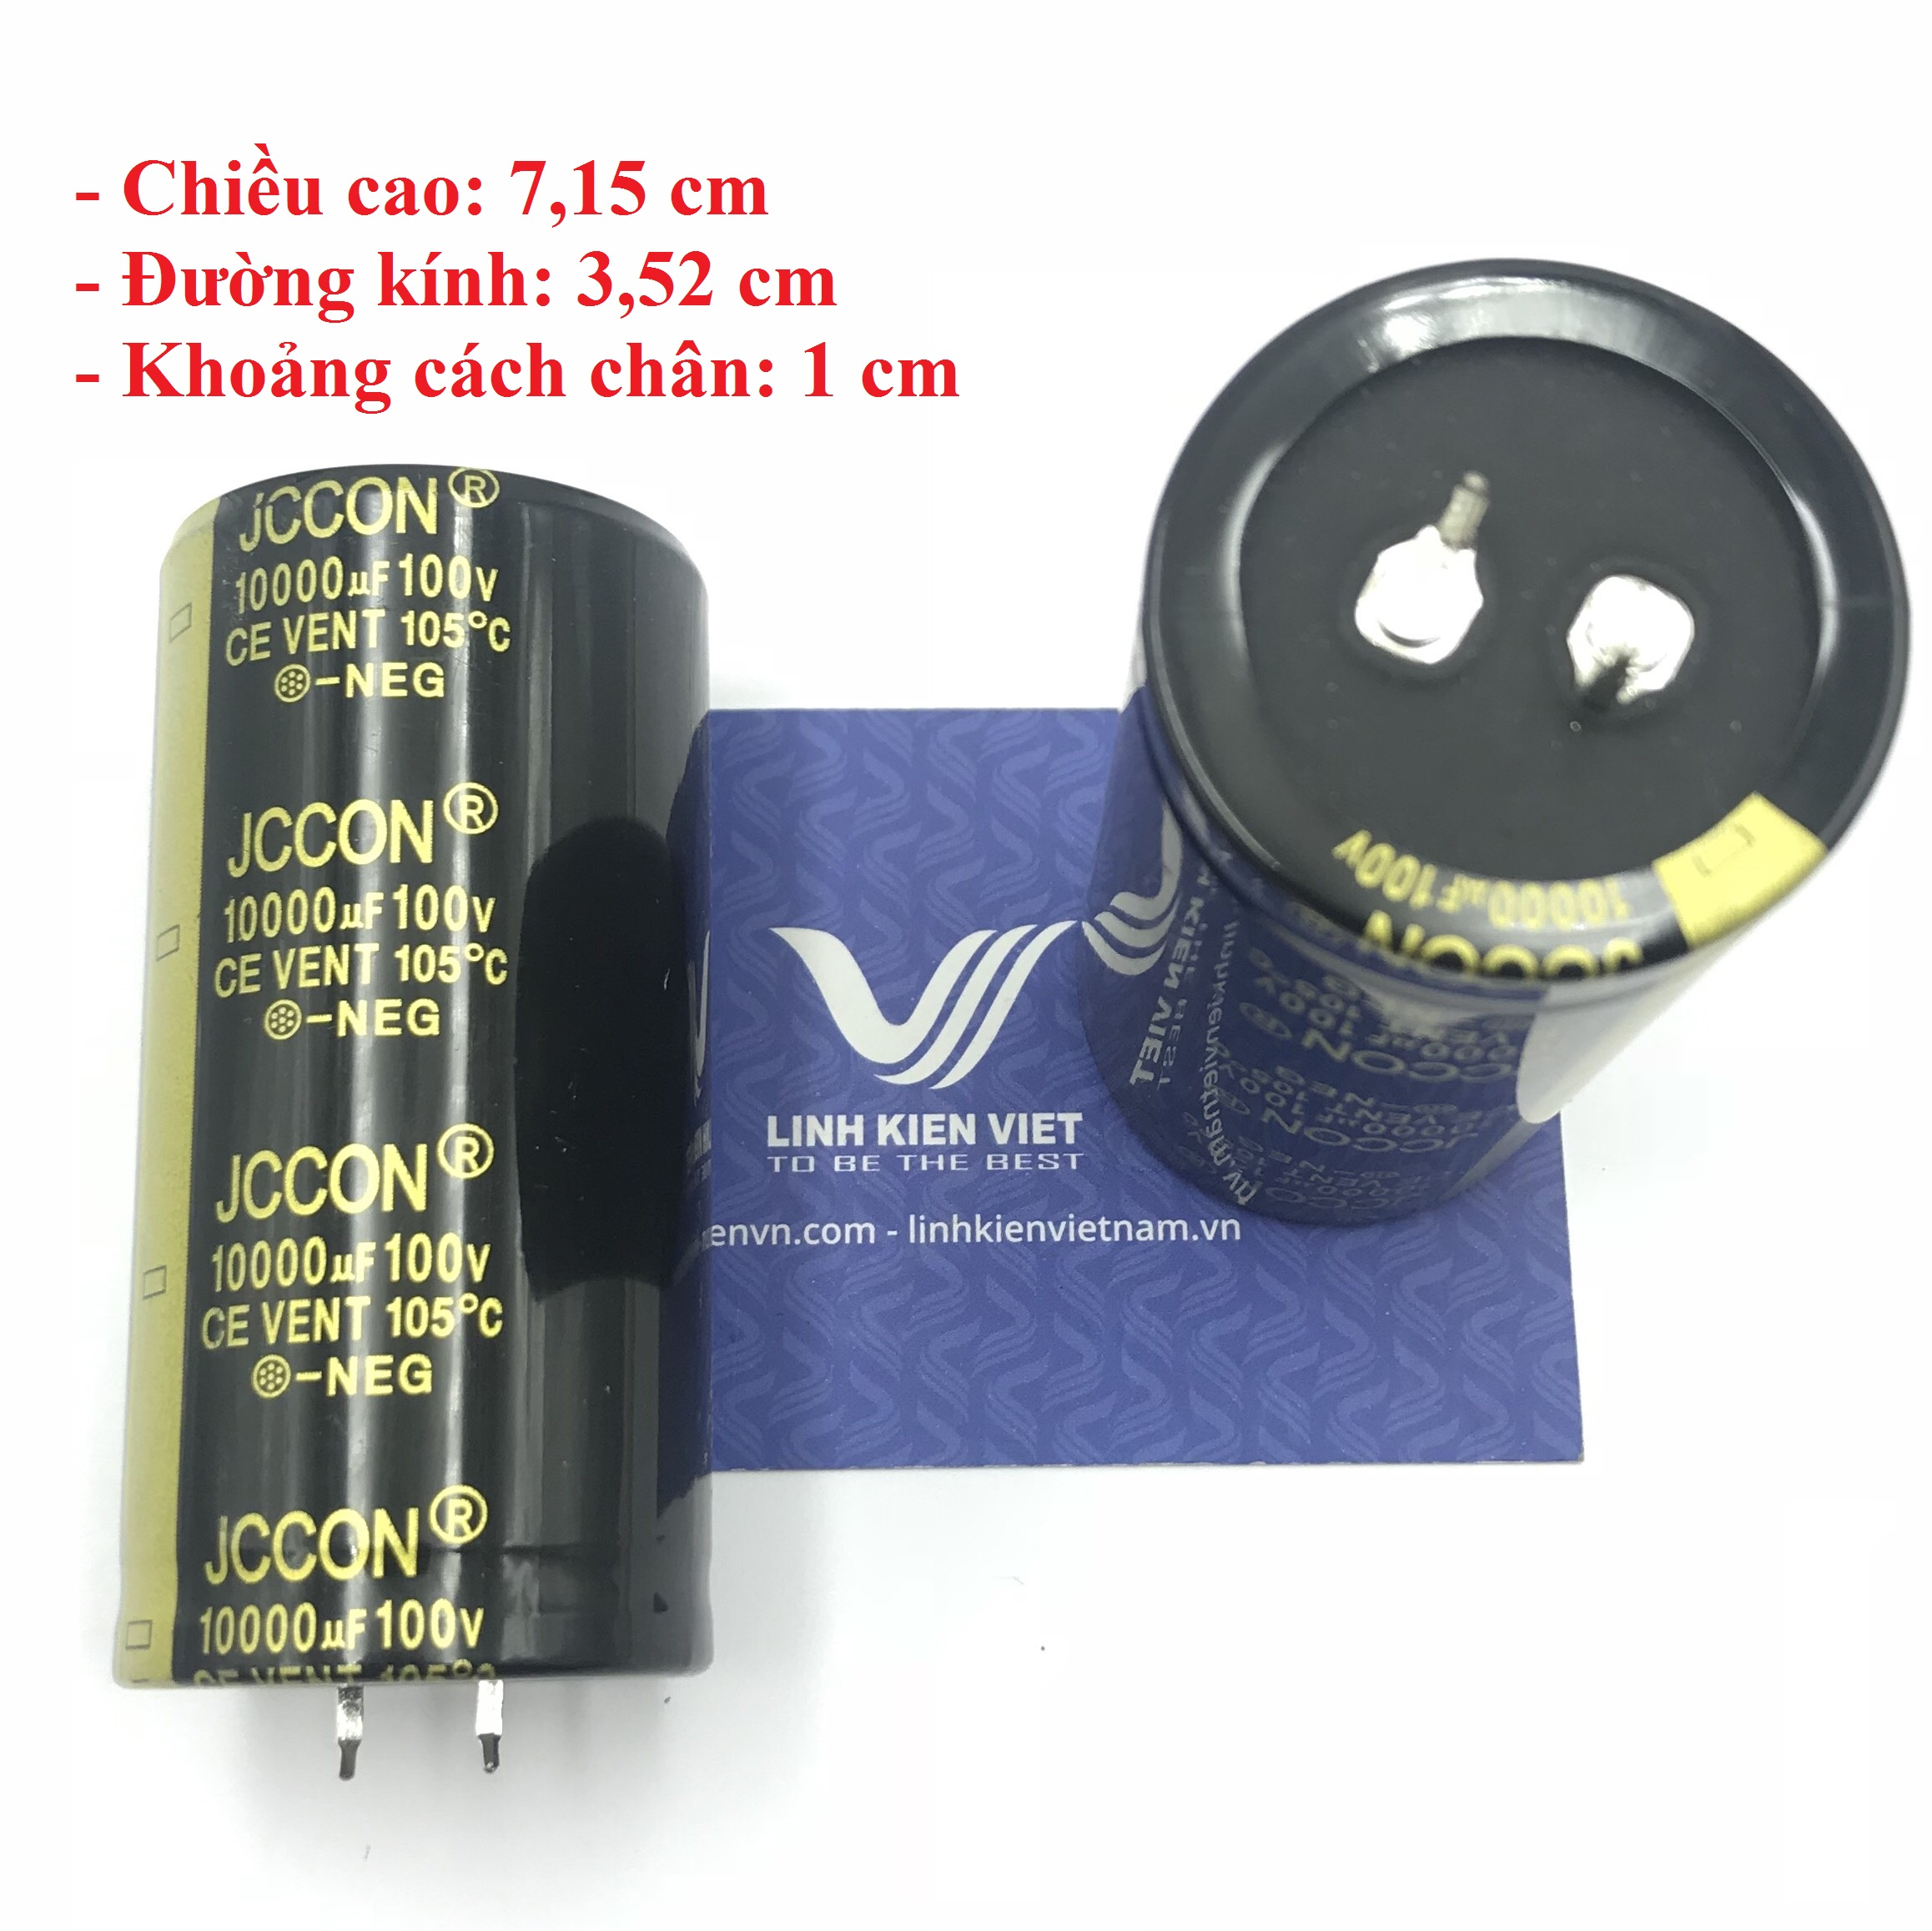 Tụ Hóa JCCON 10000uF 100V loại tốt - X4H18